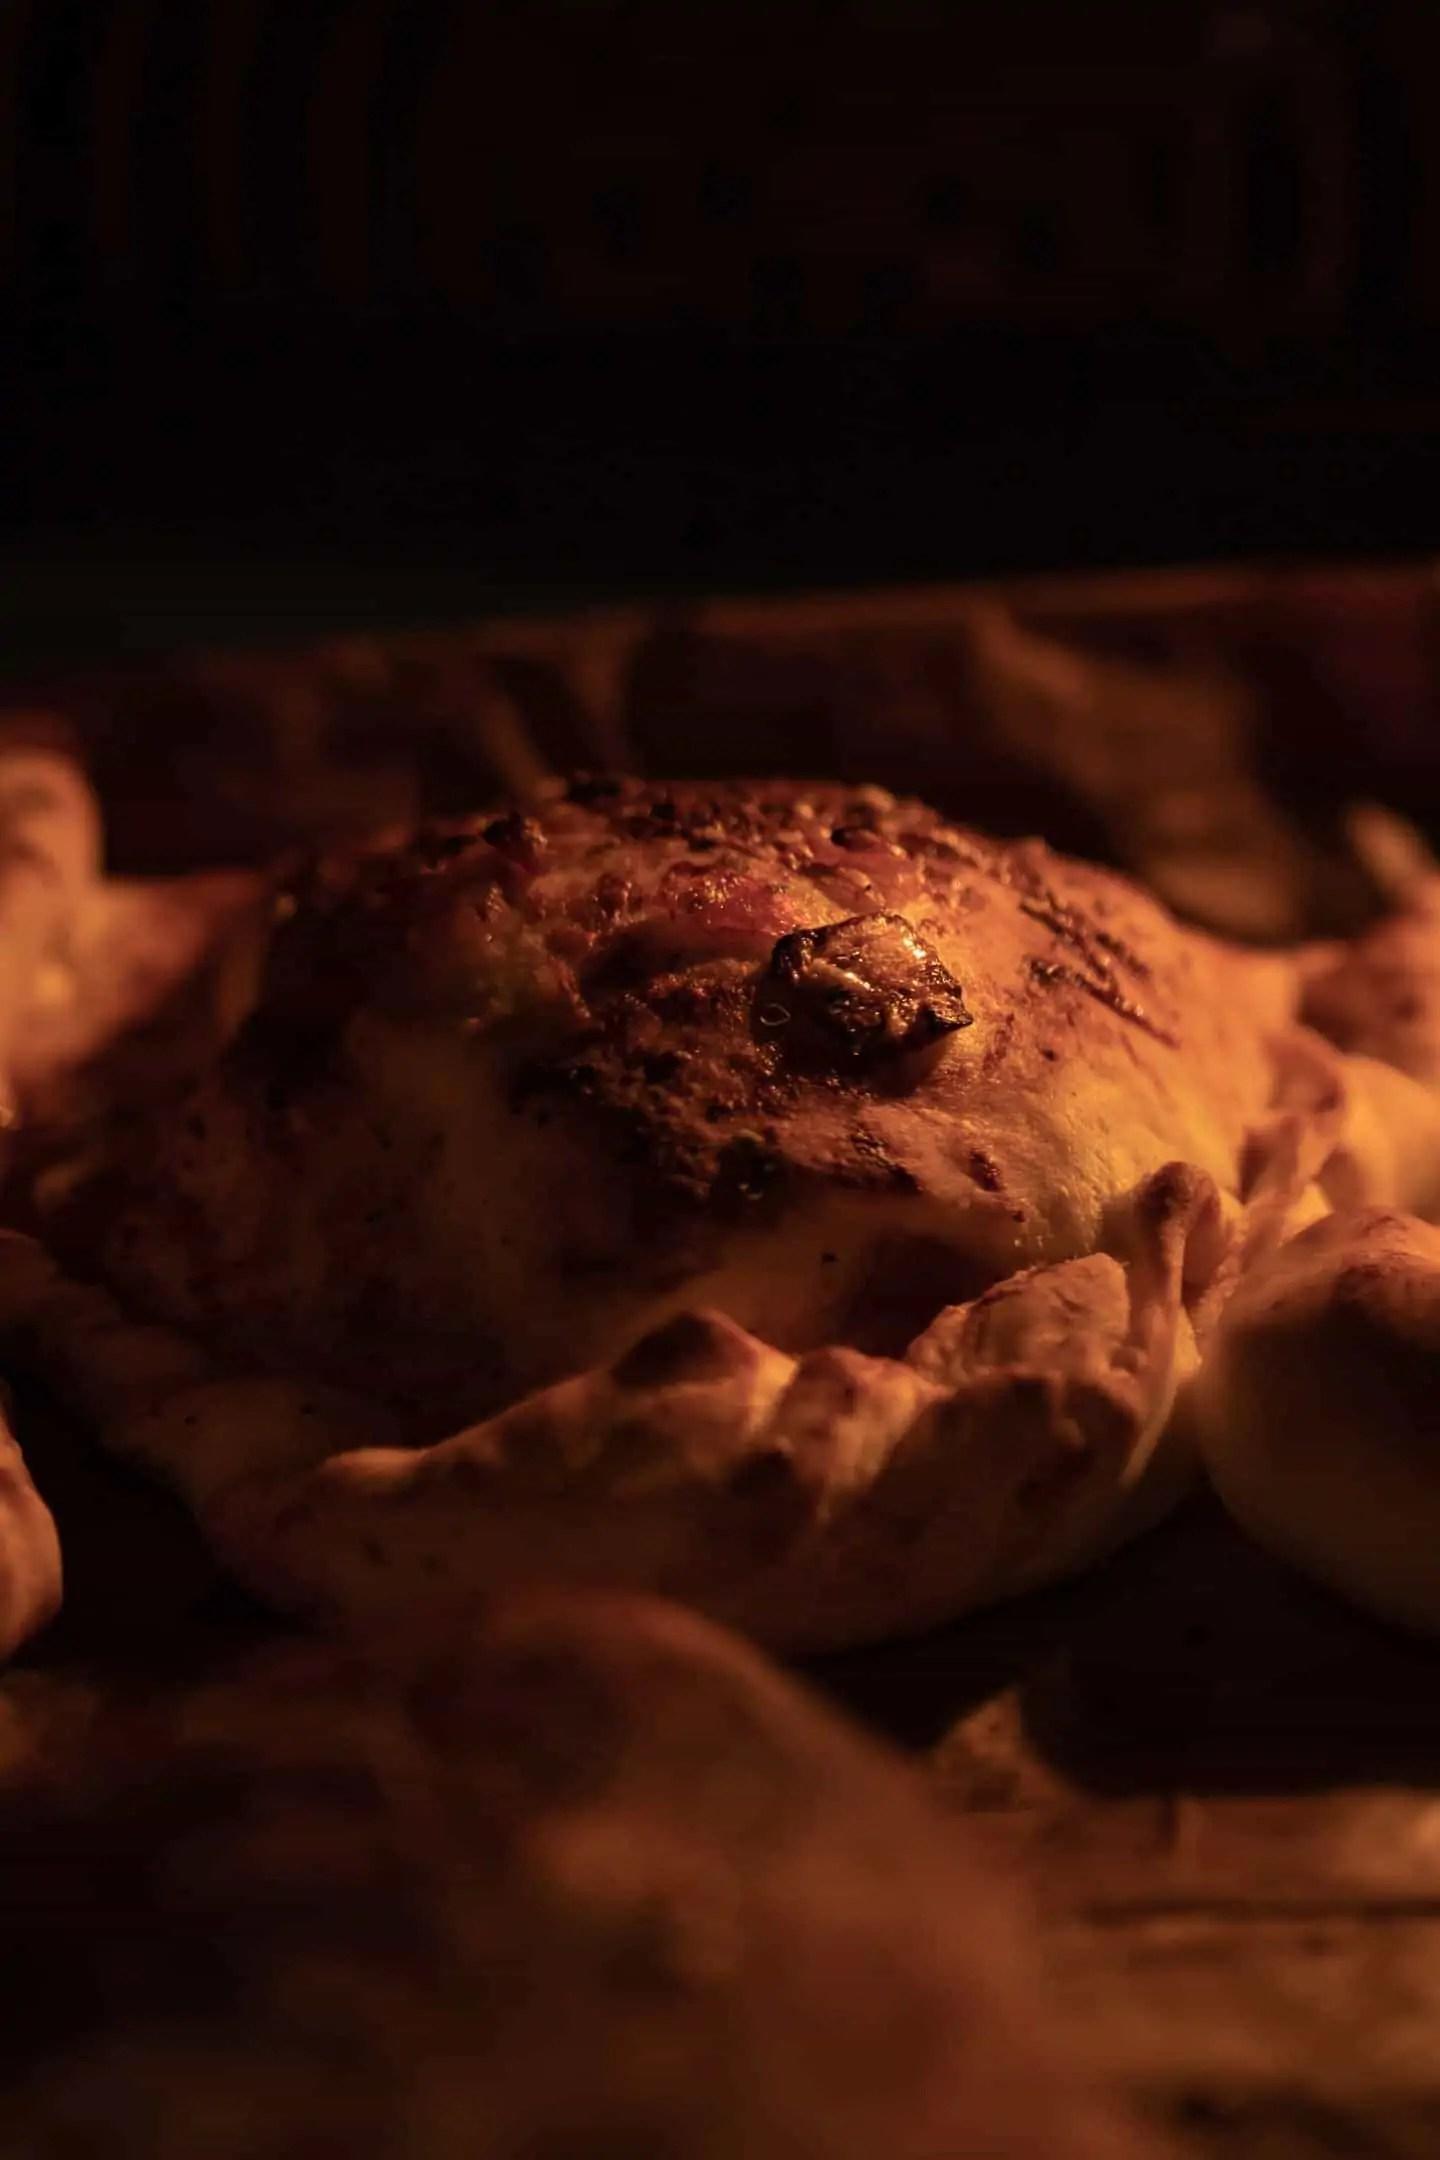 Calzone Polskie pieczone pierogi fotografia jedzenia makro ciemna fotografia produktowa 12 - Czarna fotografia produktowa